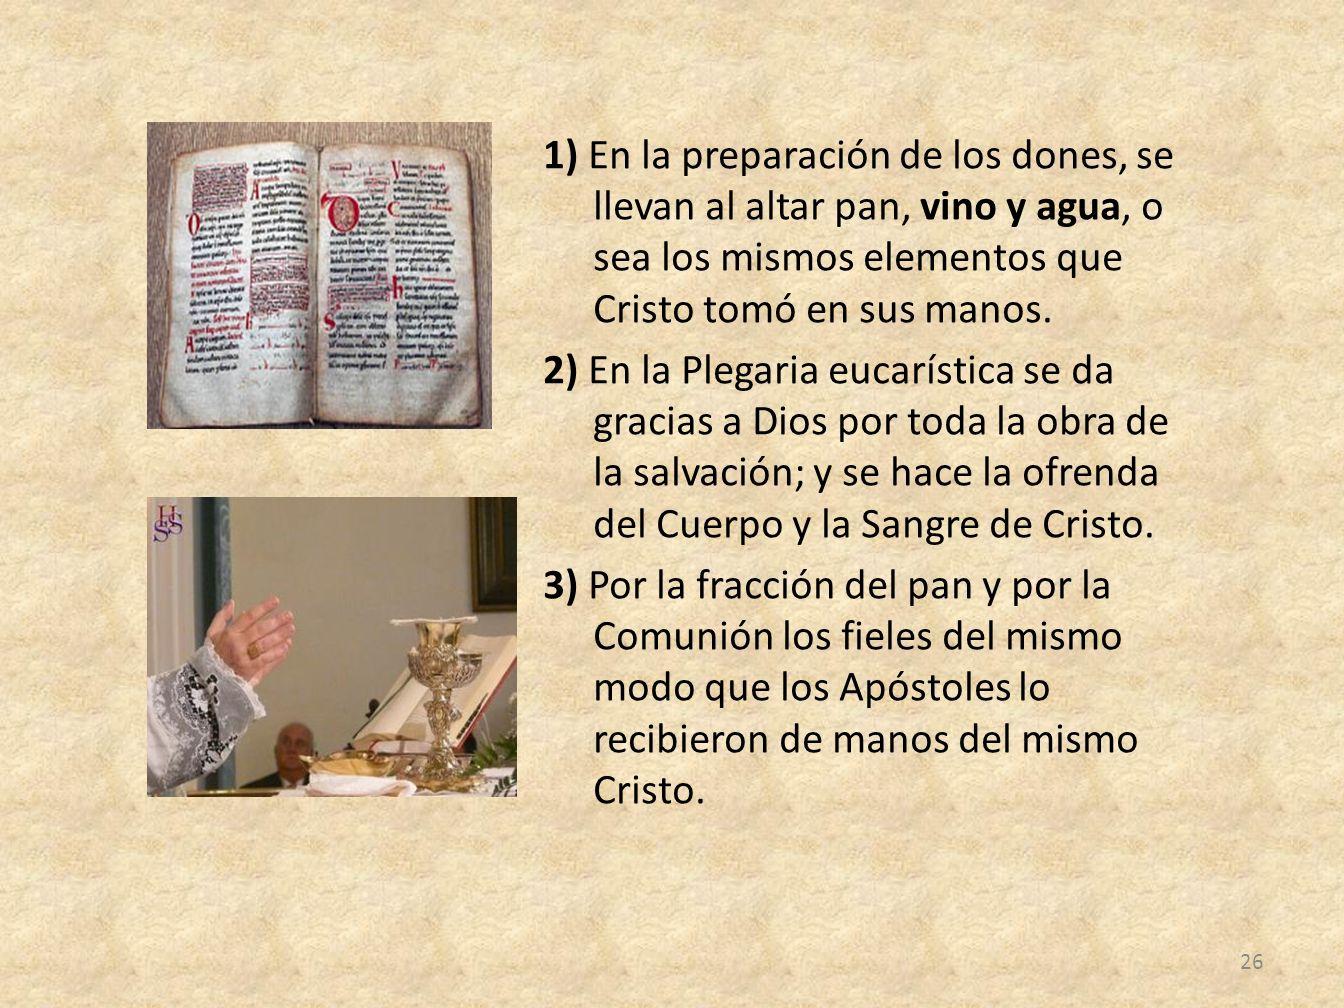 1) En la preparación de los dones, se llevan al altar pan, vino y agua, o sea los mismos elementos que Cristo tomó en sus manos.